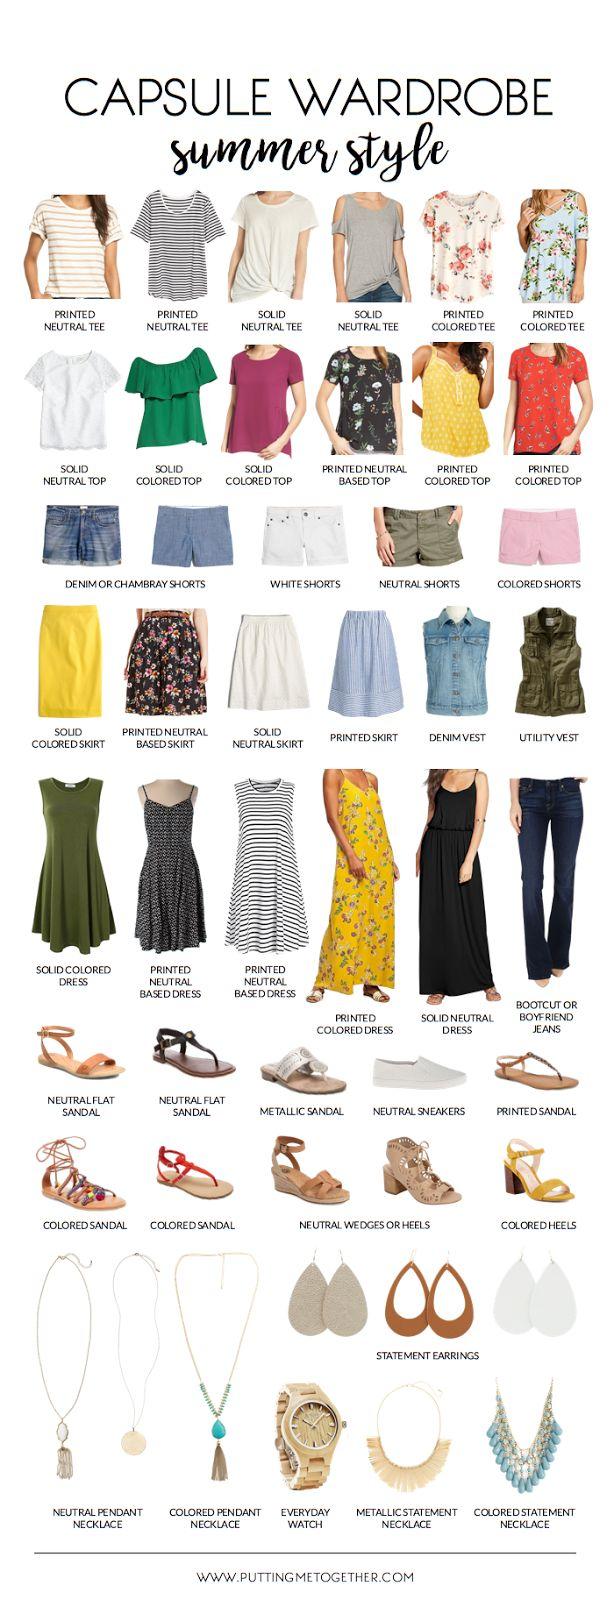 My Summer Wardrobe Plan 2017   Putting Me Together   Bloglovin'